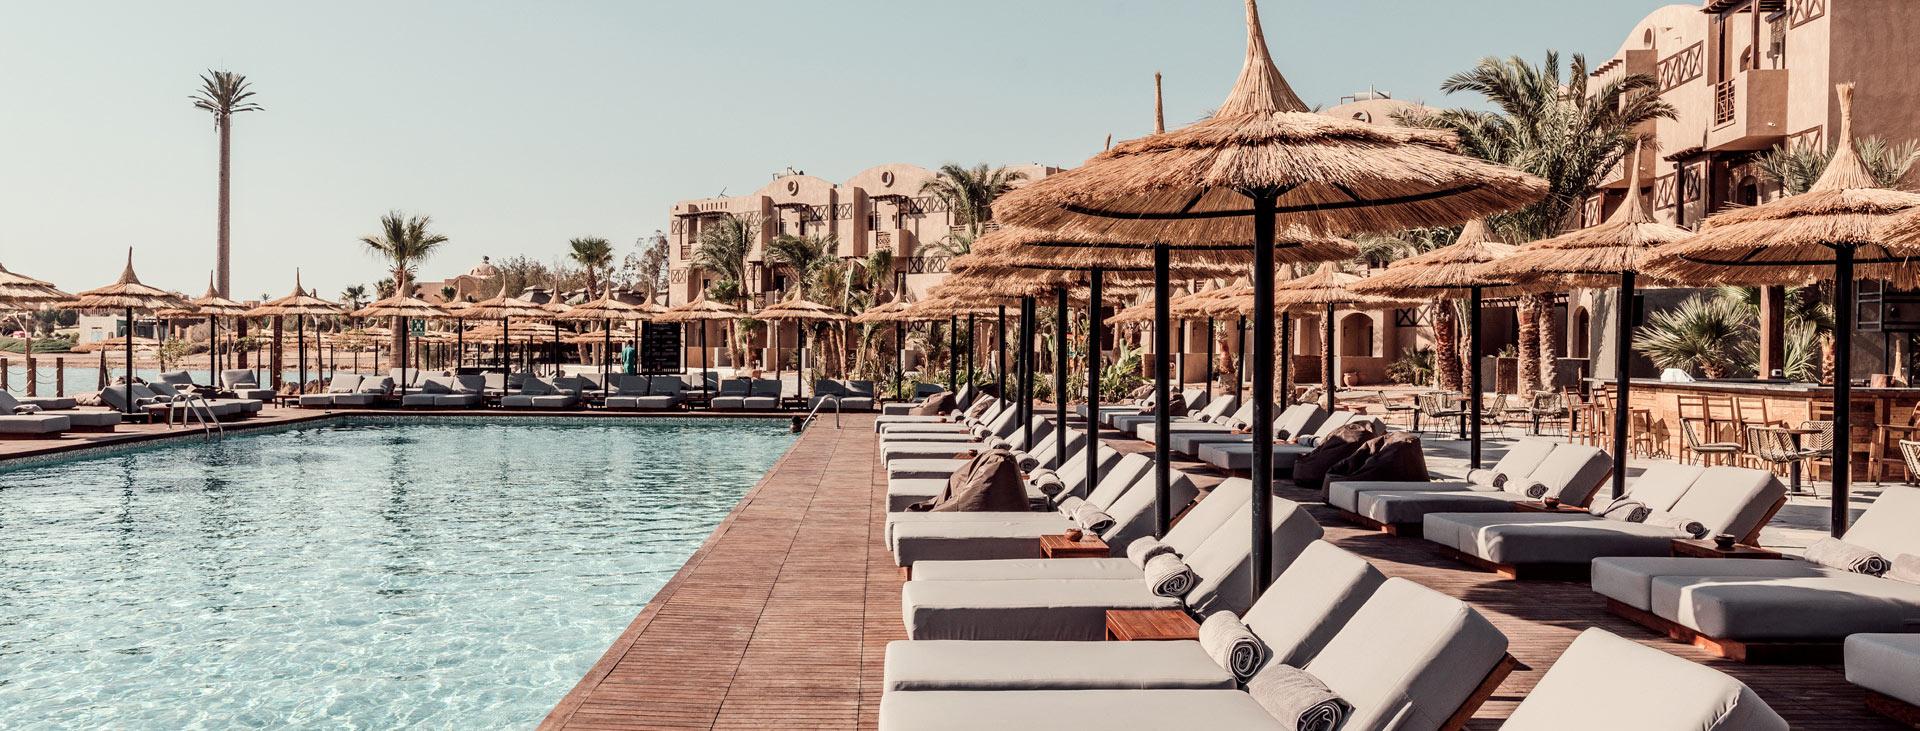 Cook's Club El Gouna, El Gouna, Hurghada-området, Egypt